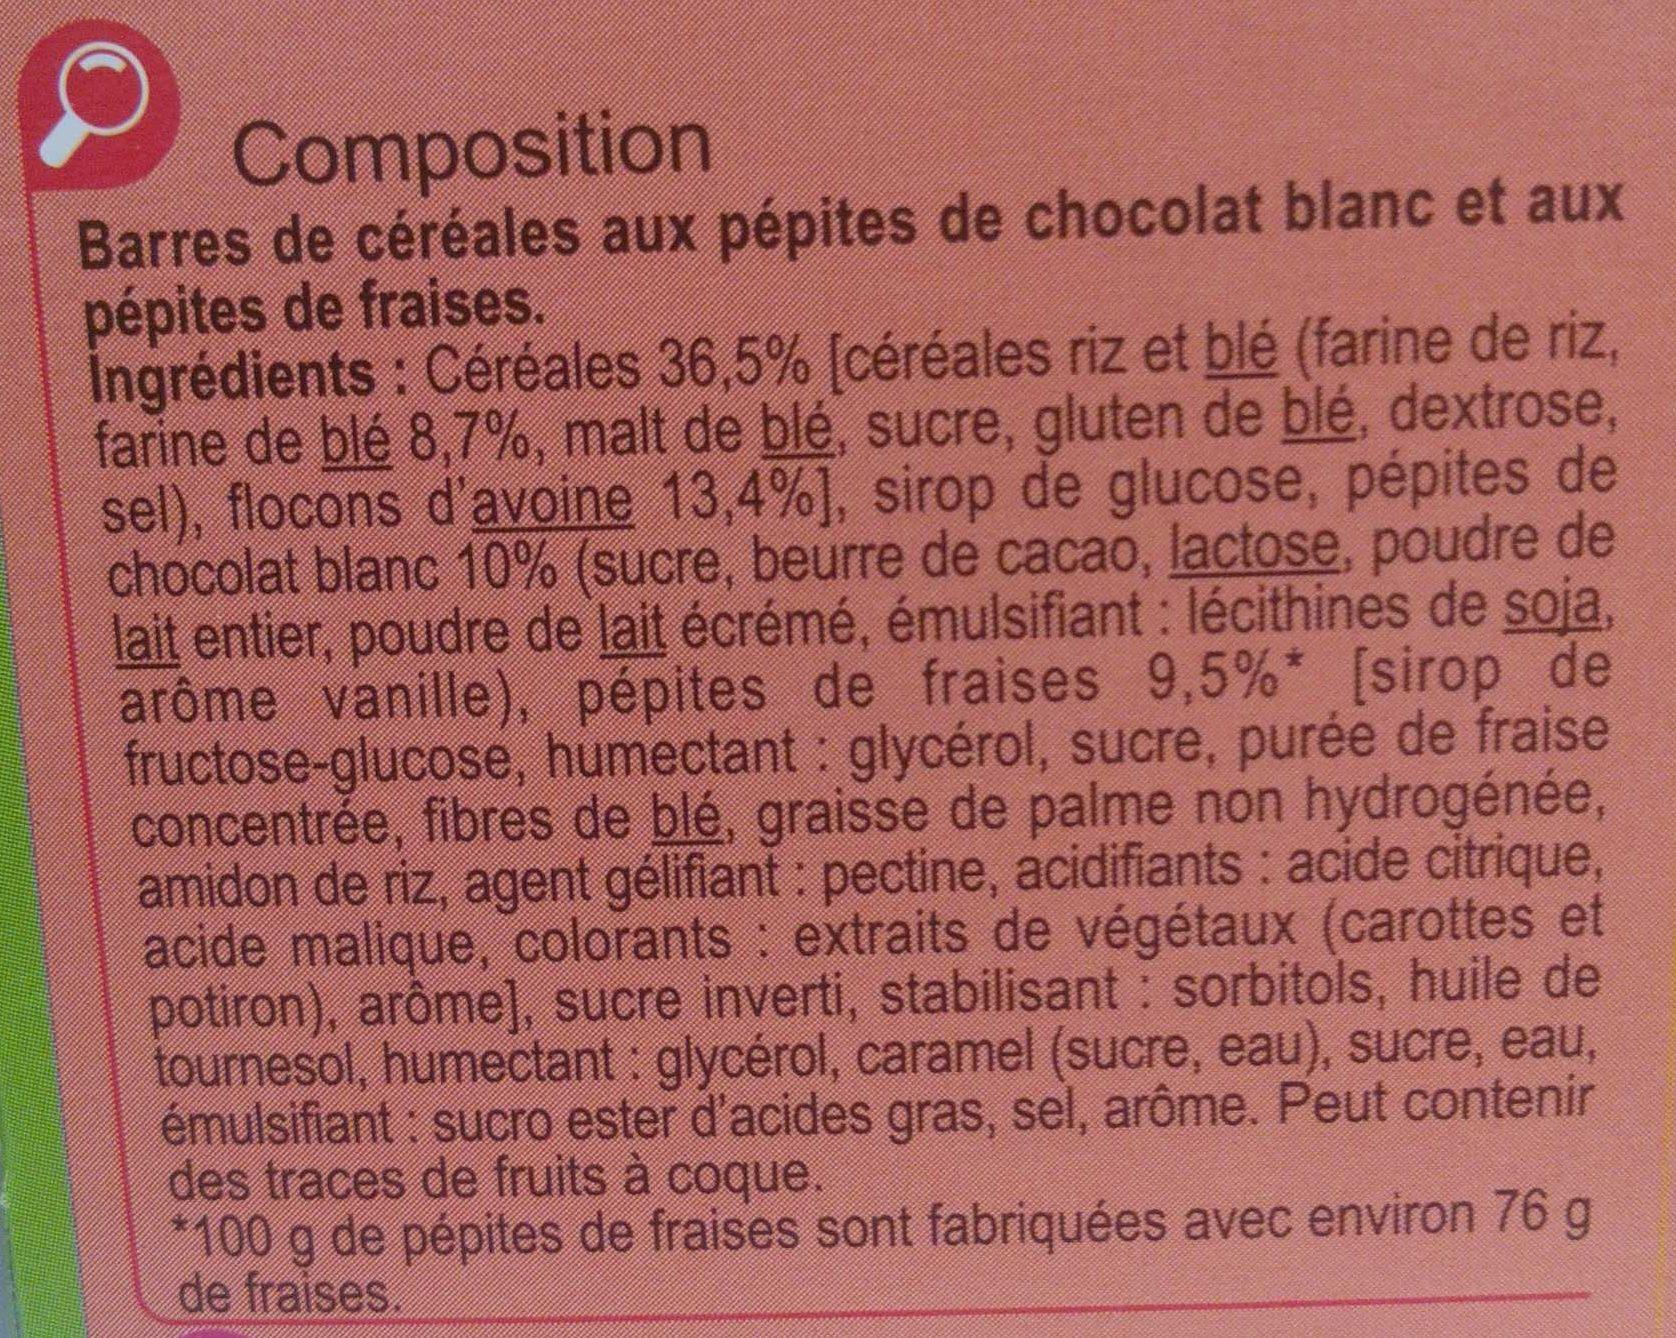 Barres céréales fraise chocolat blanc - Ingrédients - fr